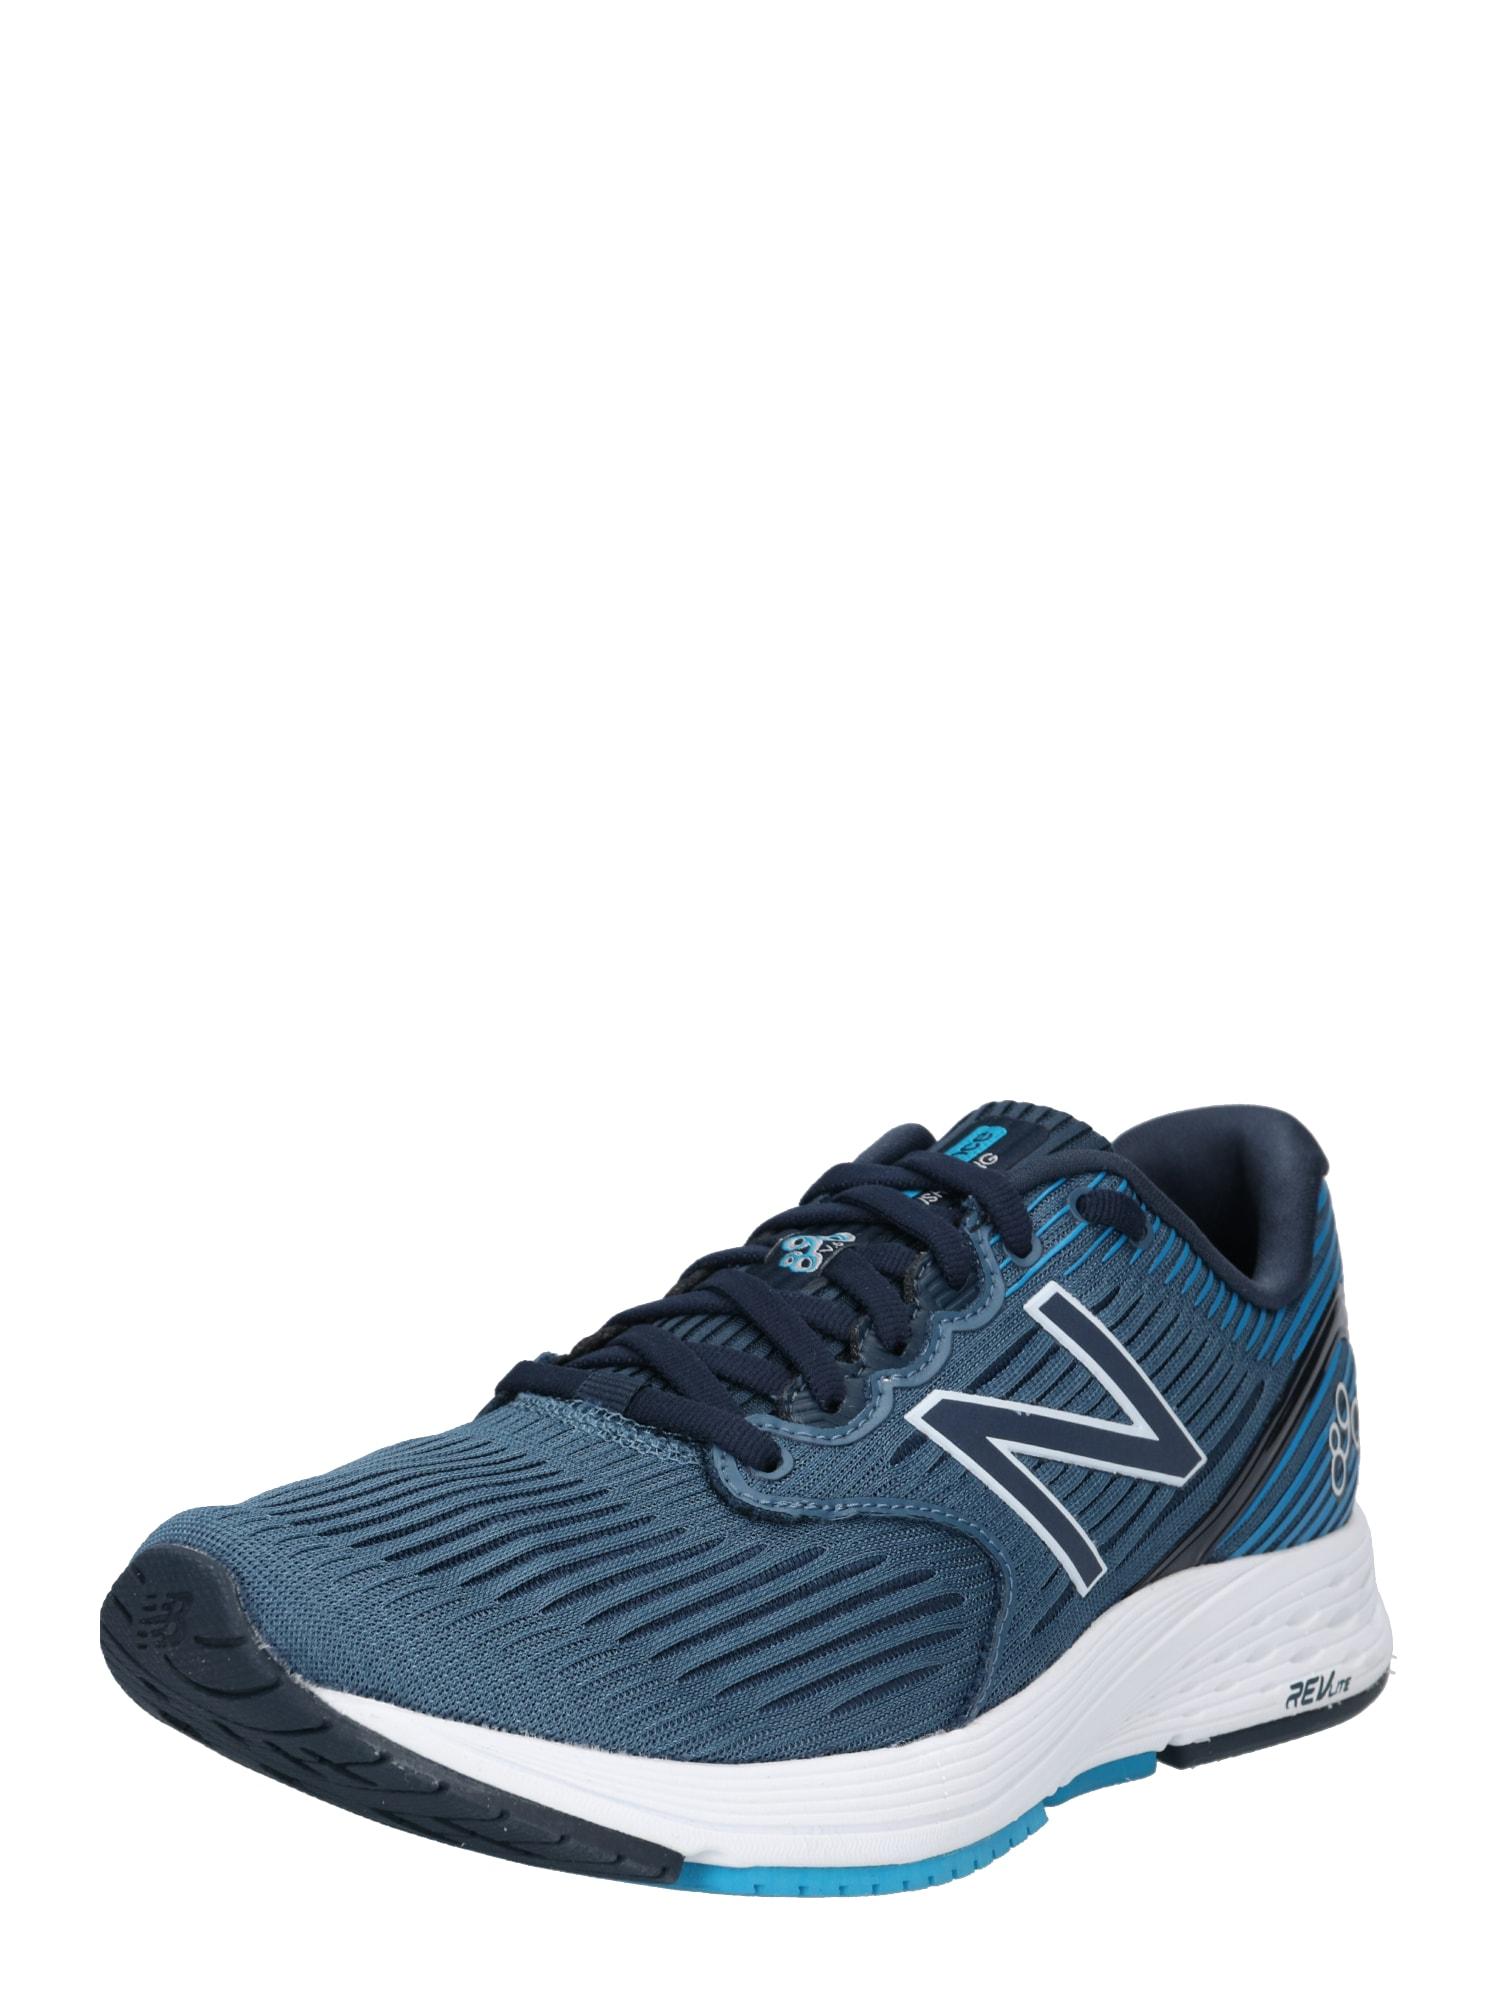 Běžecká obuv M890LG6 marine modrá New Balance